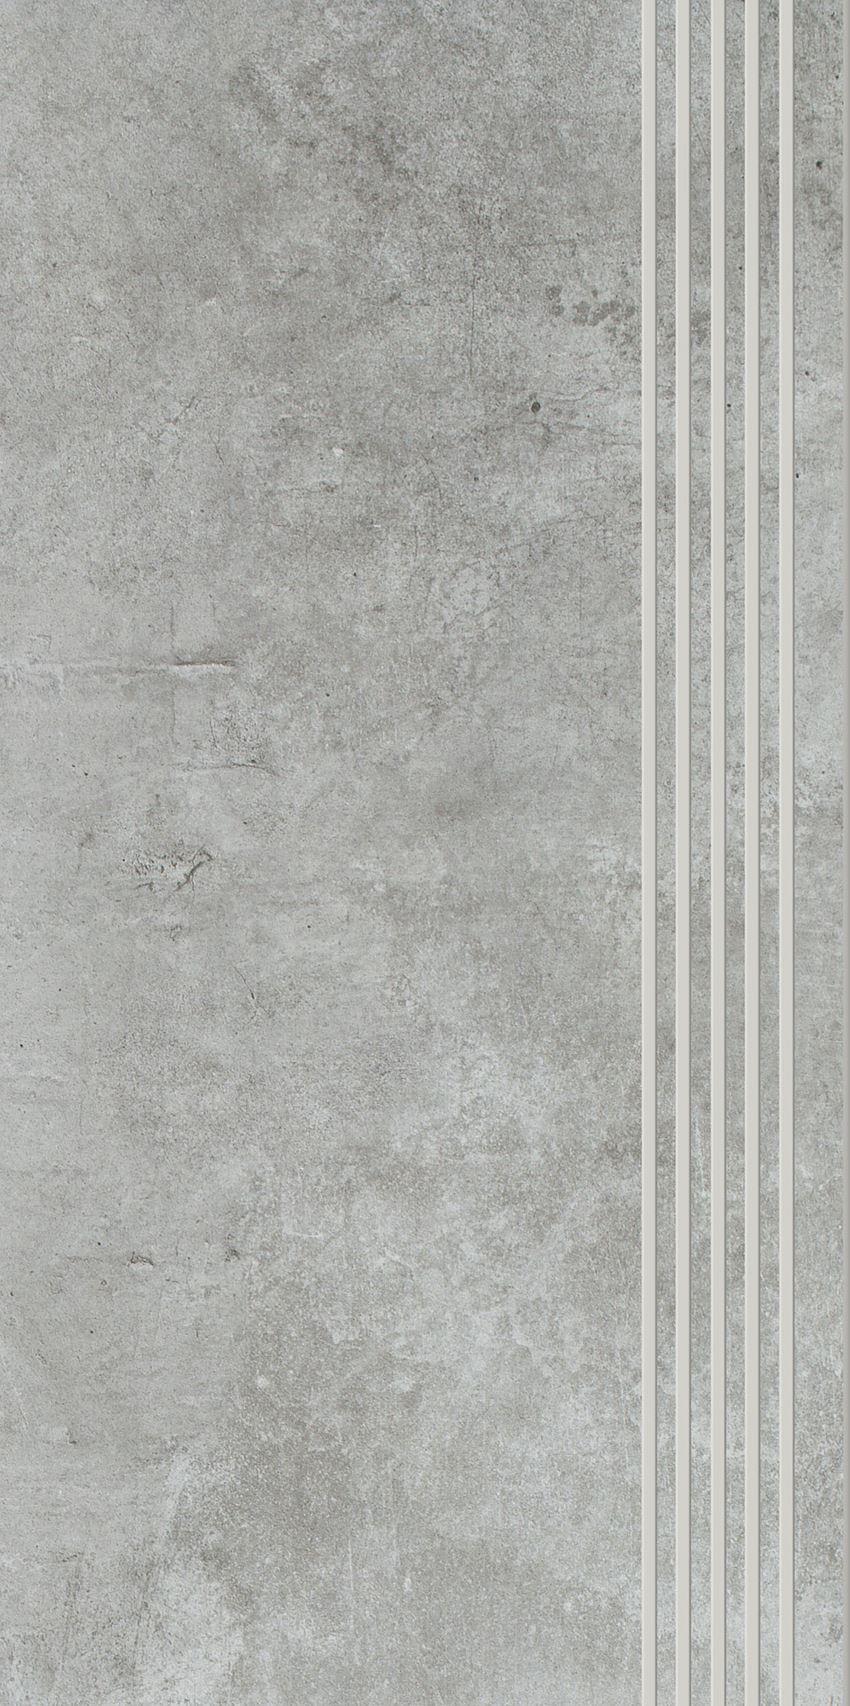 Płytka stopnicowa 29,8x59,8 cm Paradyż Scratch Grys Stopnica Prosta Nacinana Półpoler